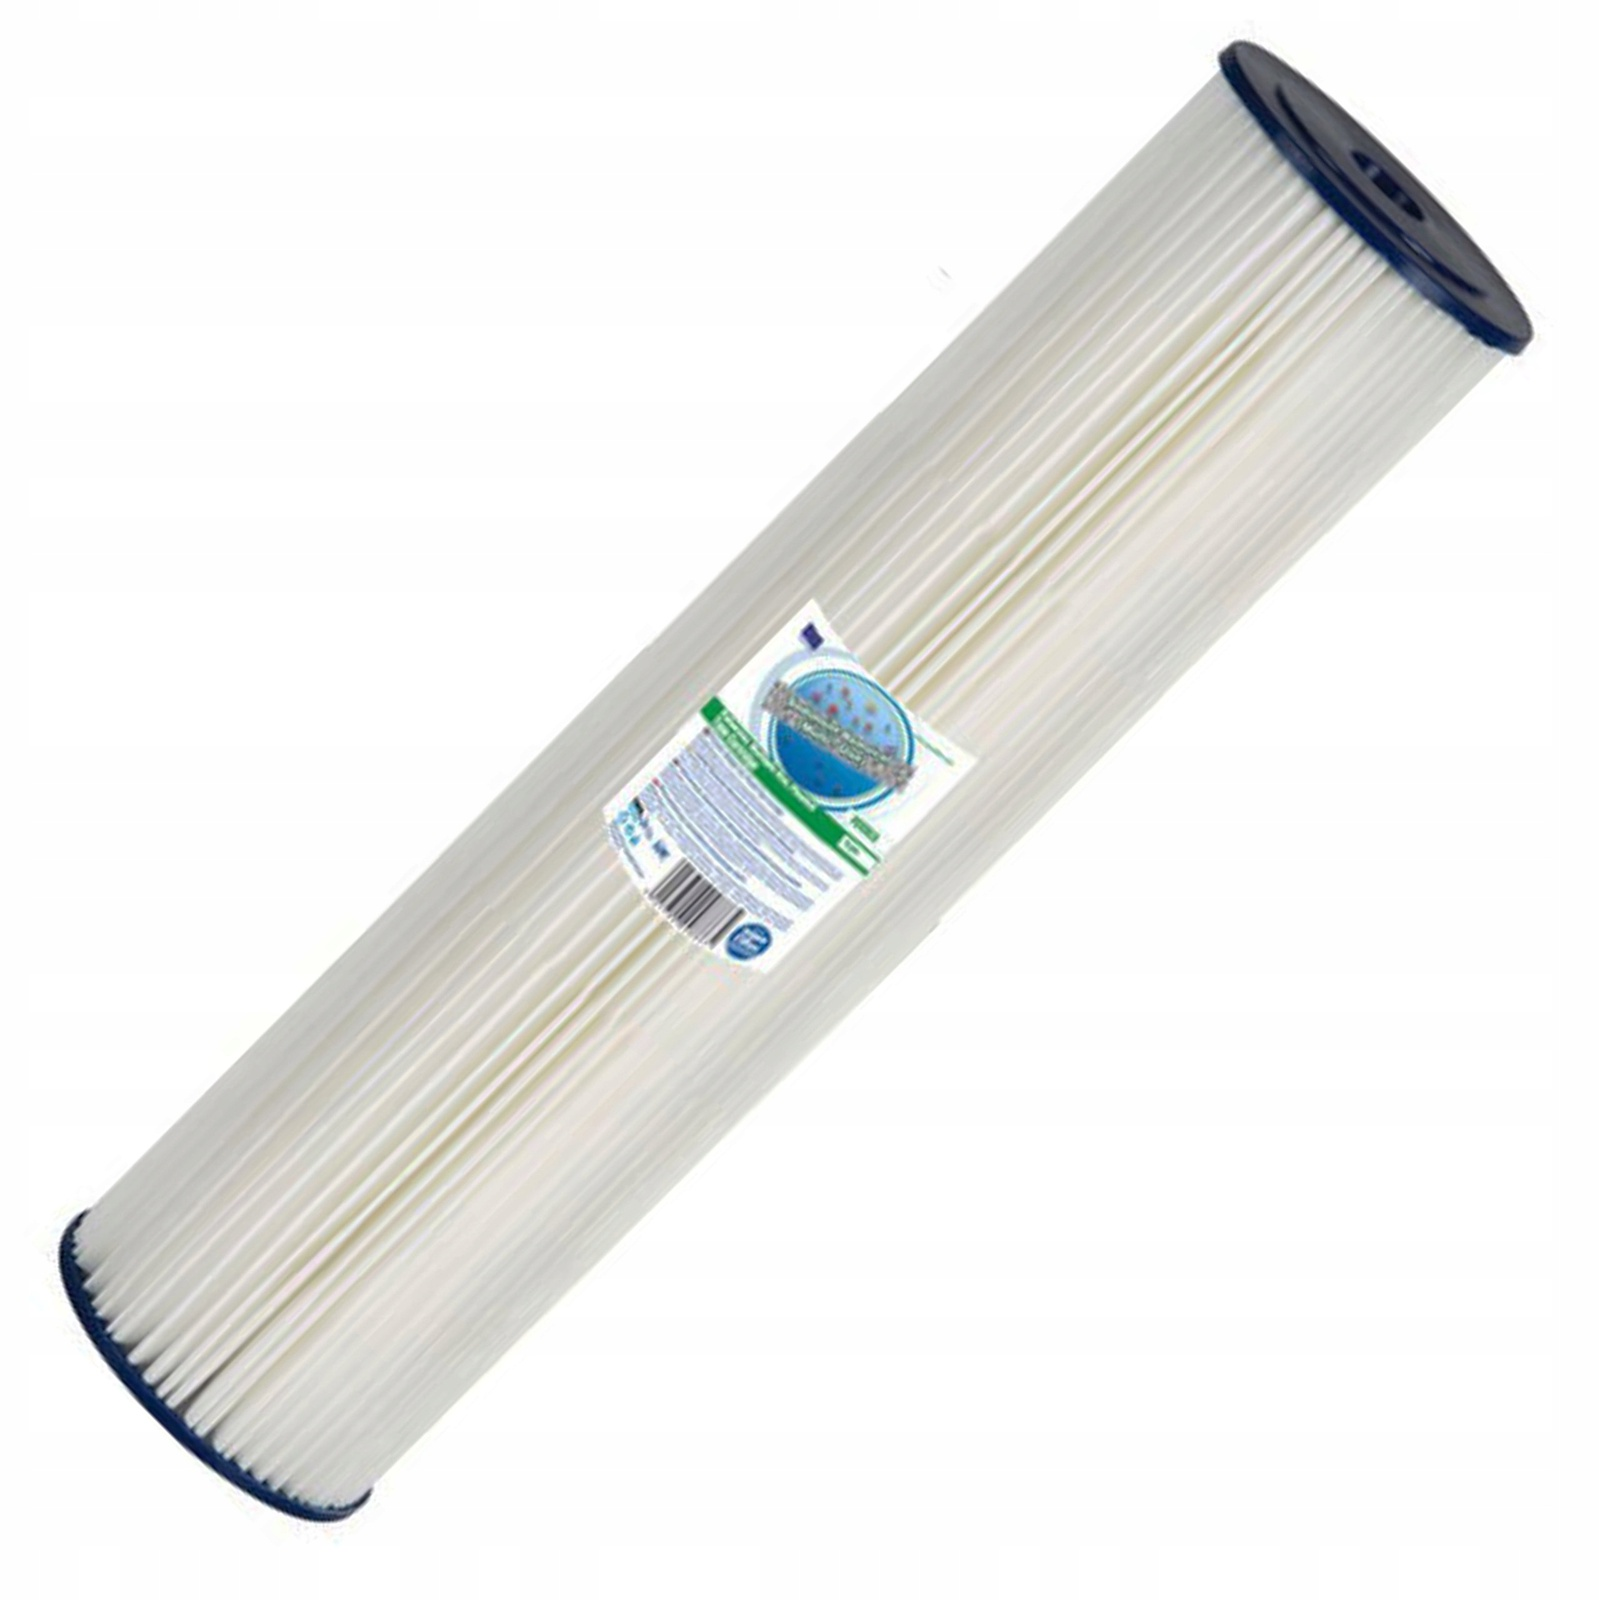 Картридж гармошечного типа 20ВВ - 20 мкм (полиэстер, многократного использования, для холодной воды) Aquafilter FCCEL20M20B, 641